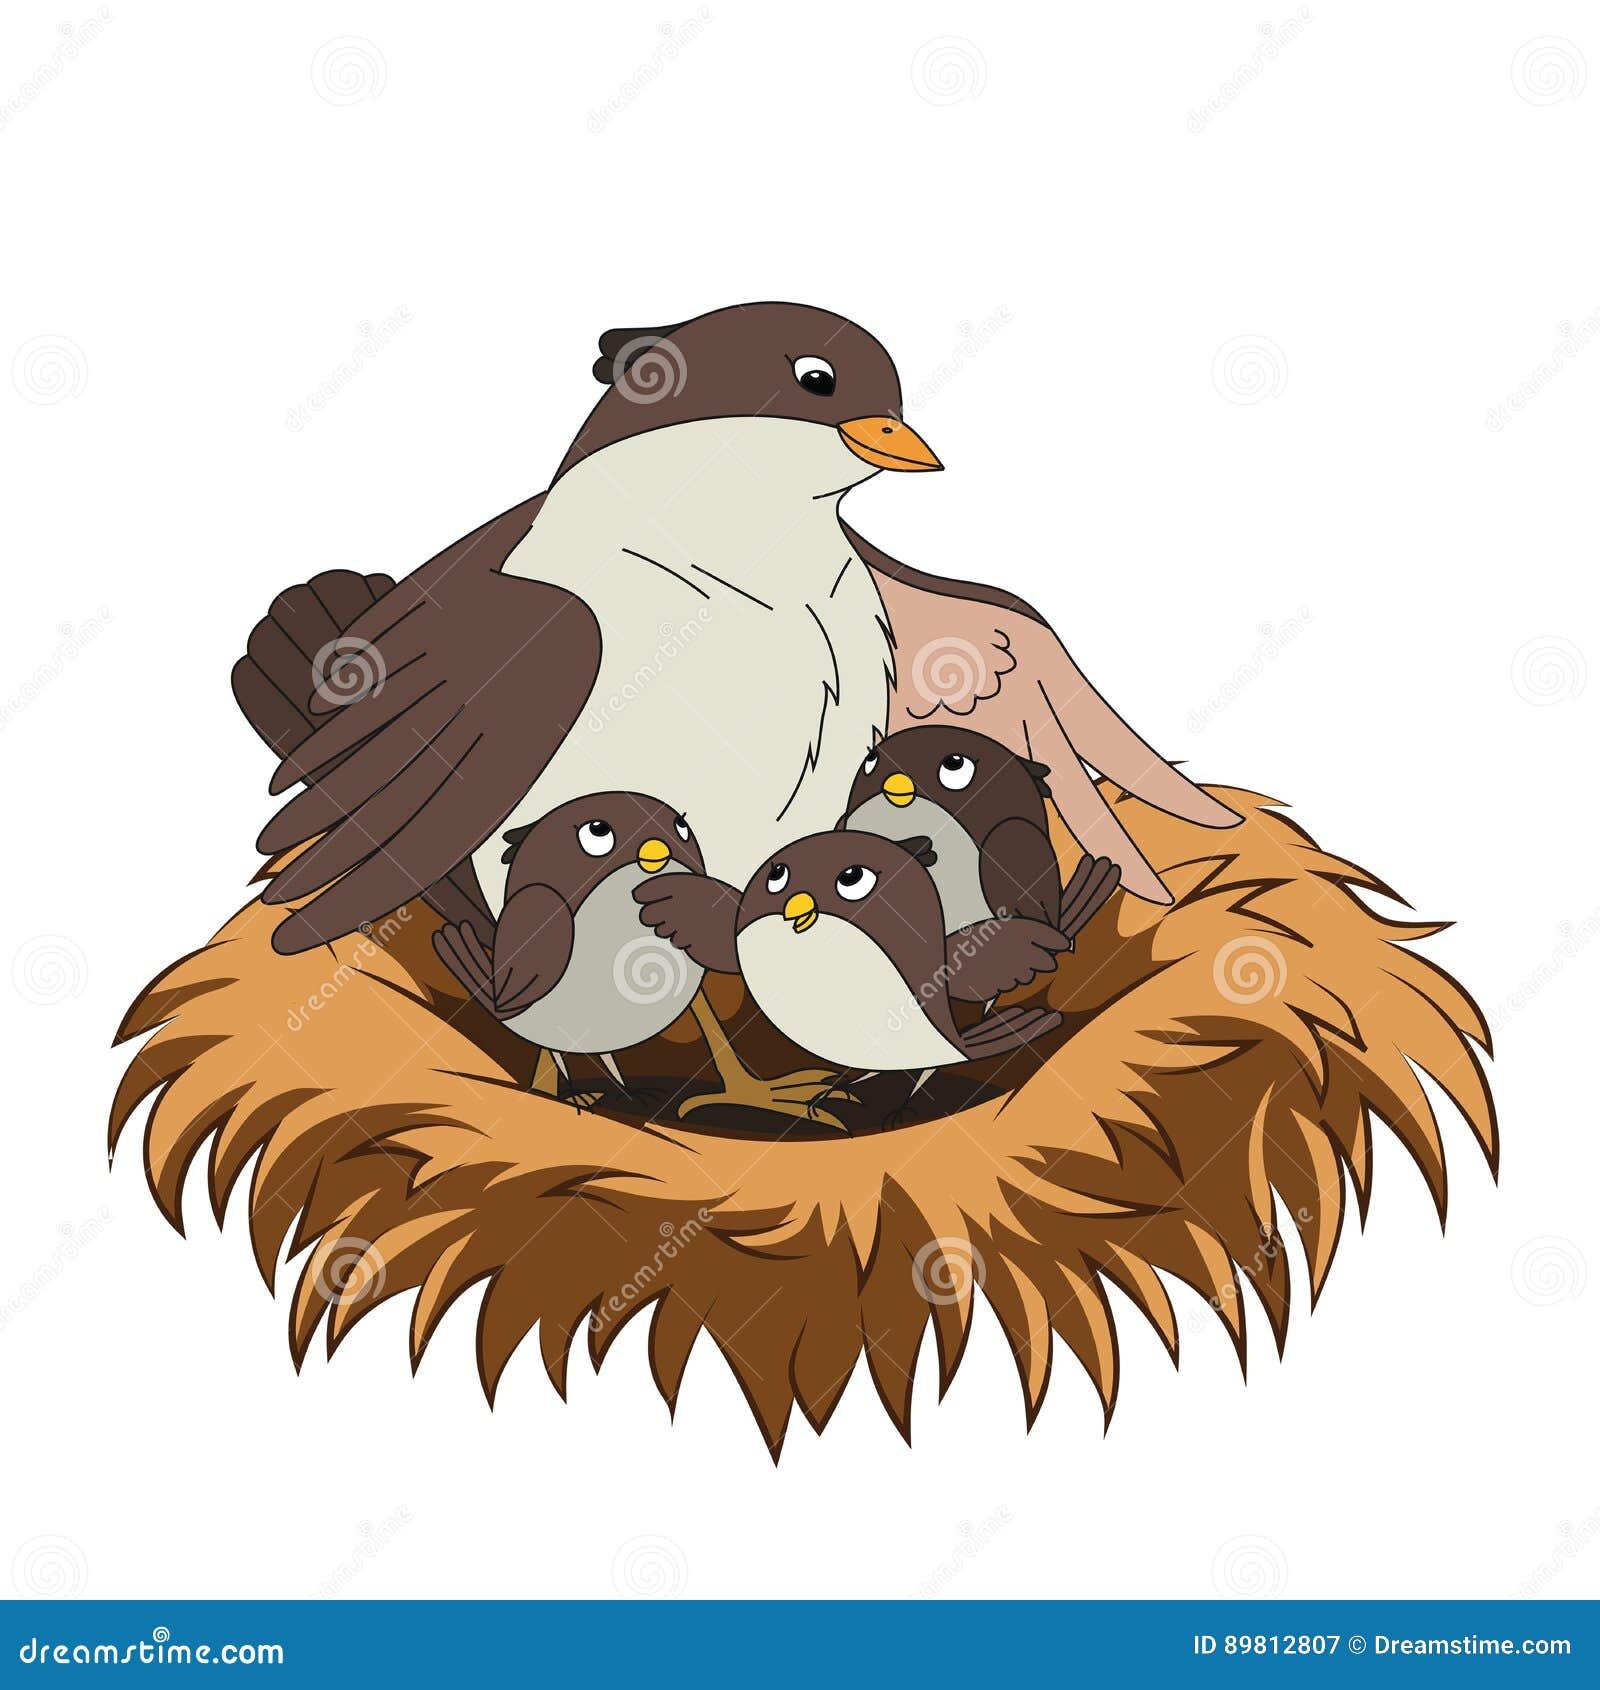 La familia de pájaros mima al pájaro con sus dos bebés en la jerarquía